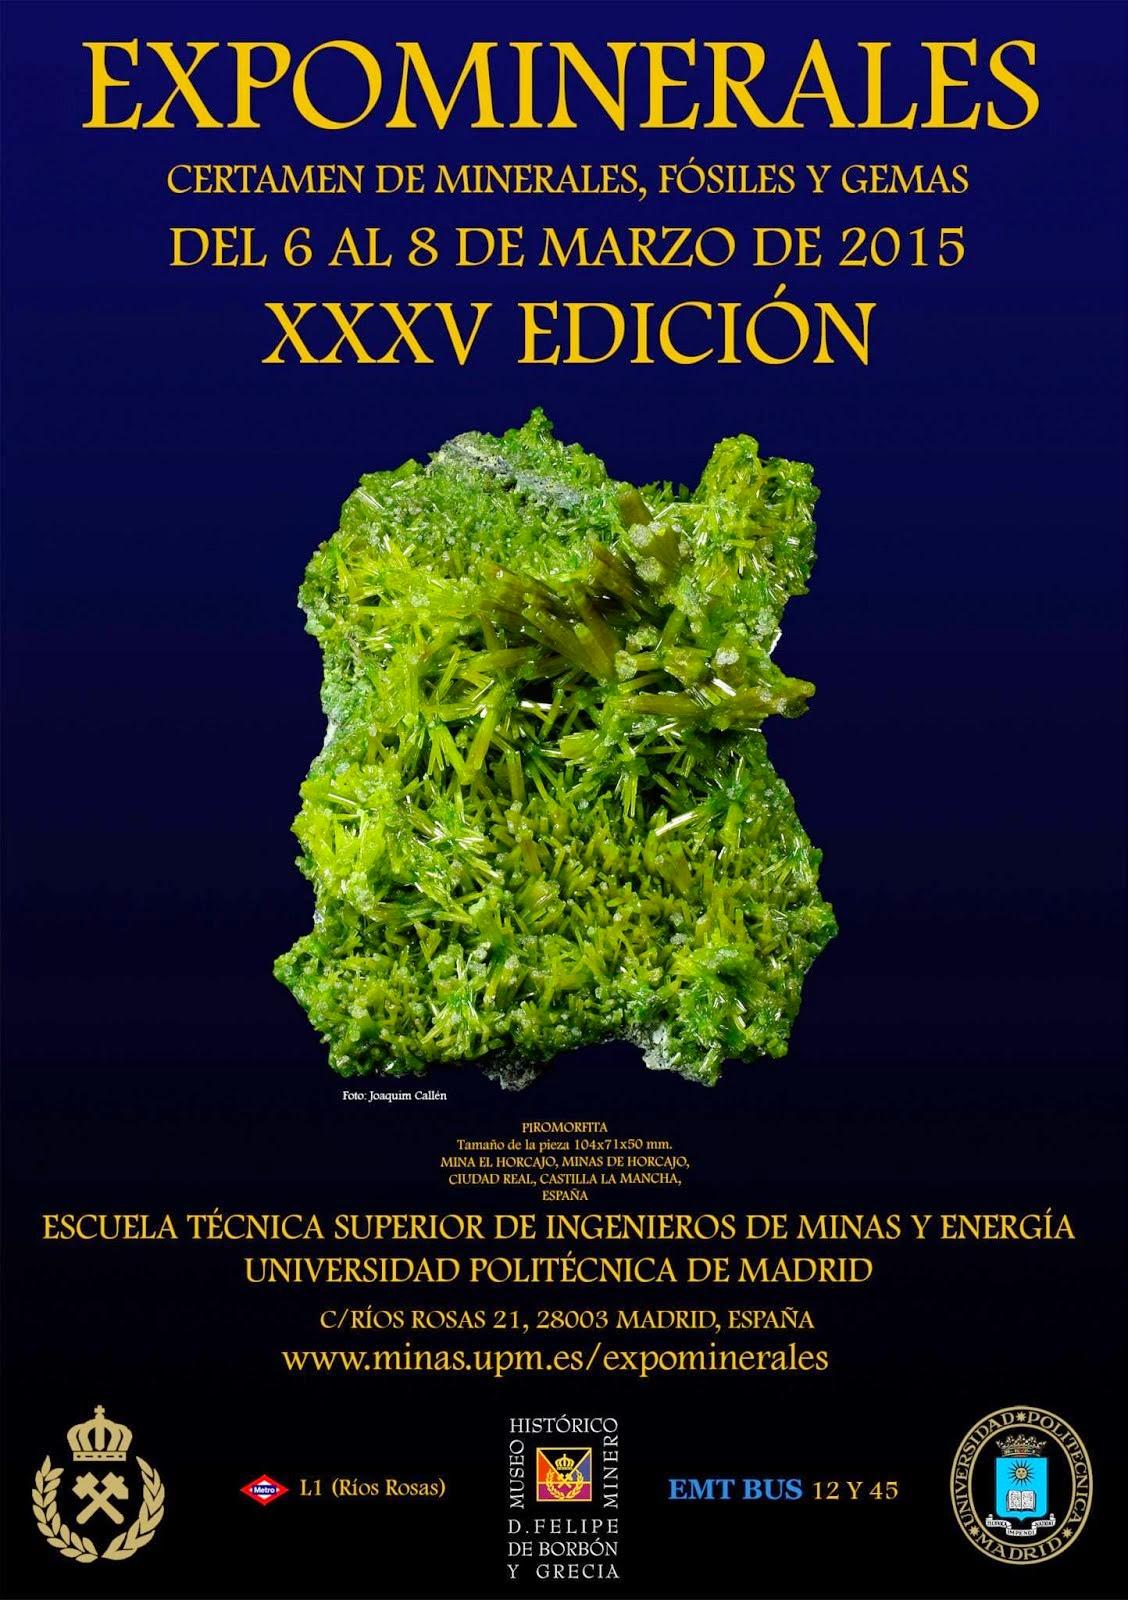 EXPOMINERALES. XXXV EDICIÓN